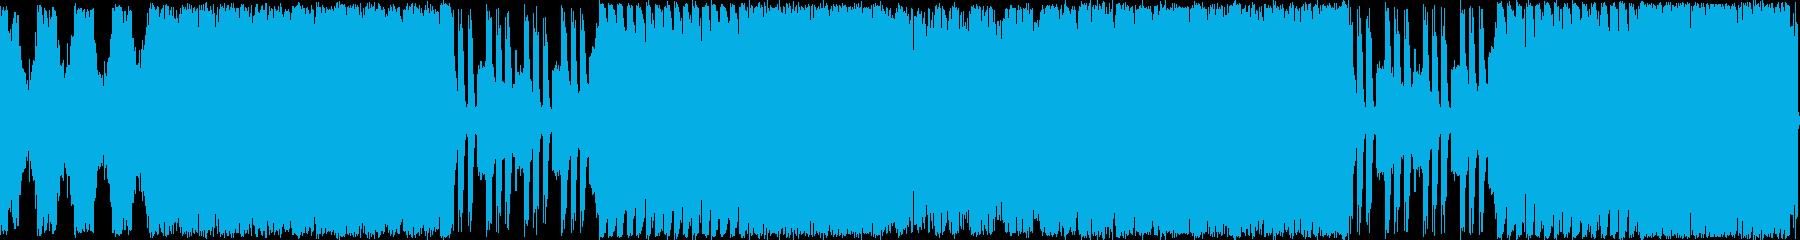 緊張感溢れるサイバーで骨太な楽曲ループの再生済みの波形